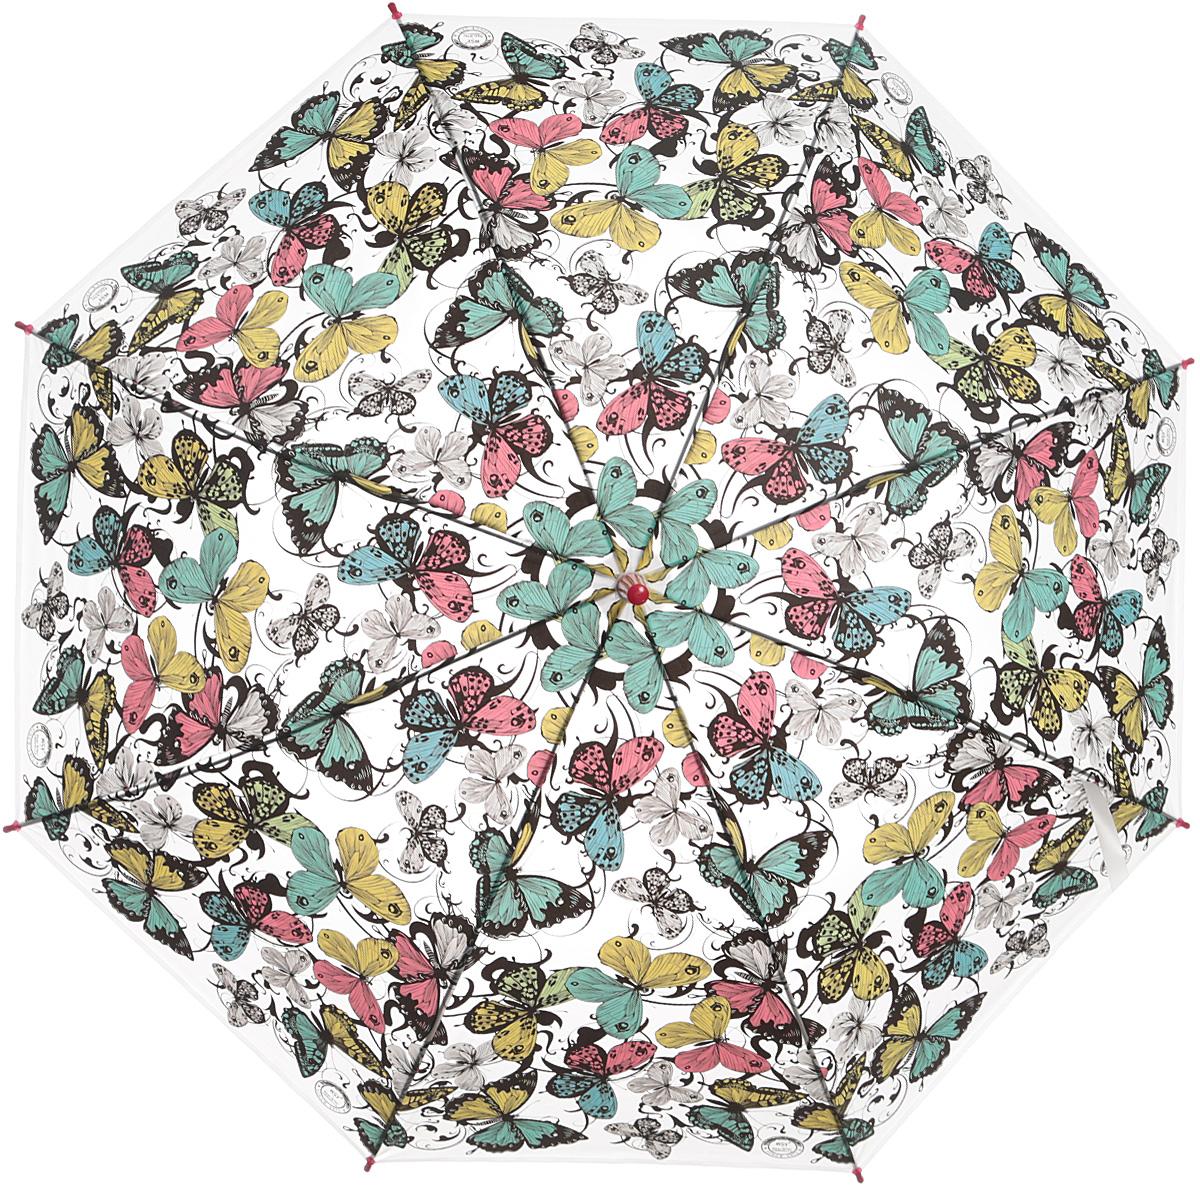 Зонт женский Эврика Бабочки, цвет: голубой, розовый, желтый. 97852SCPA390Зонт-трость полиэтиленовый, диаметр купола 110 см, длинна трости 80 см.Упаковка: пакет прозрачный.